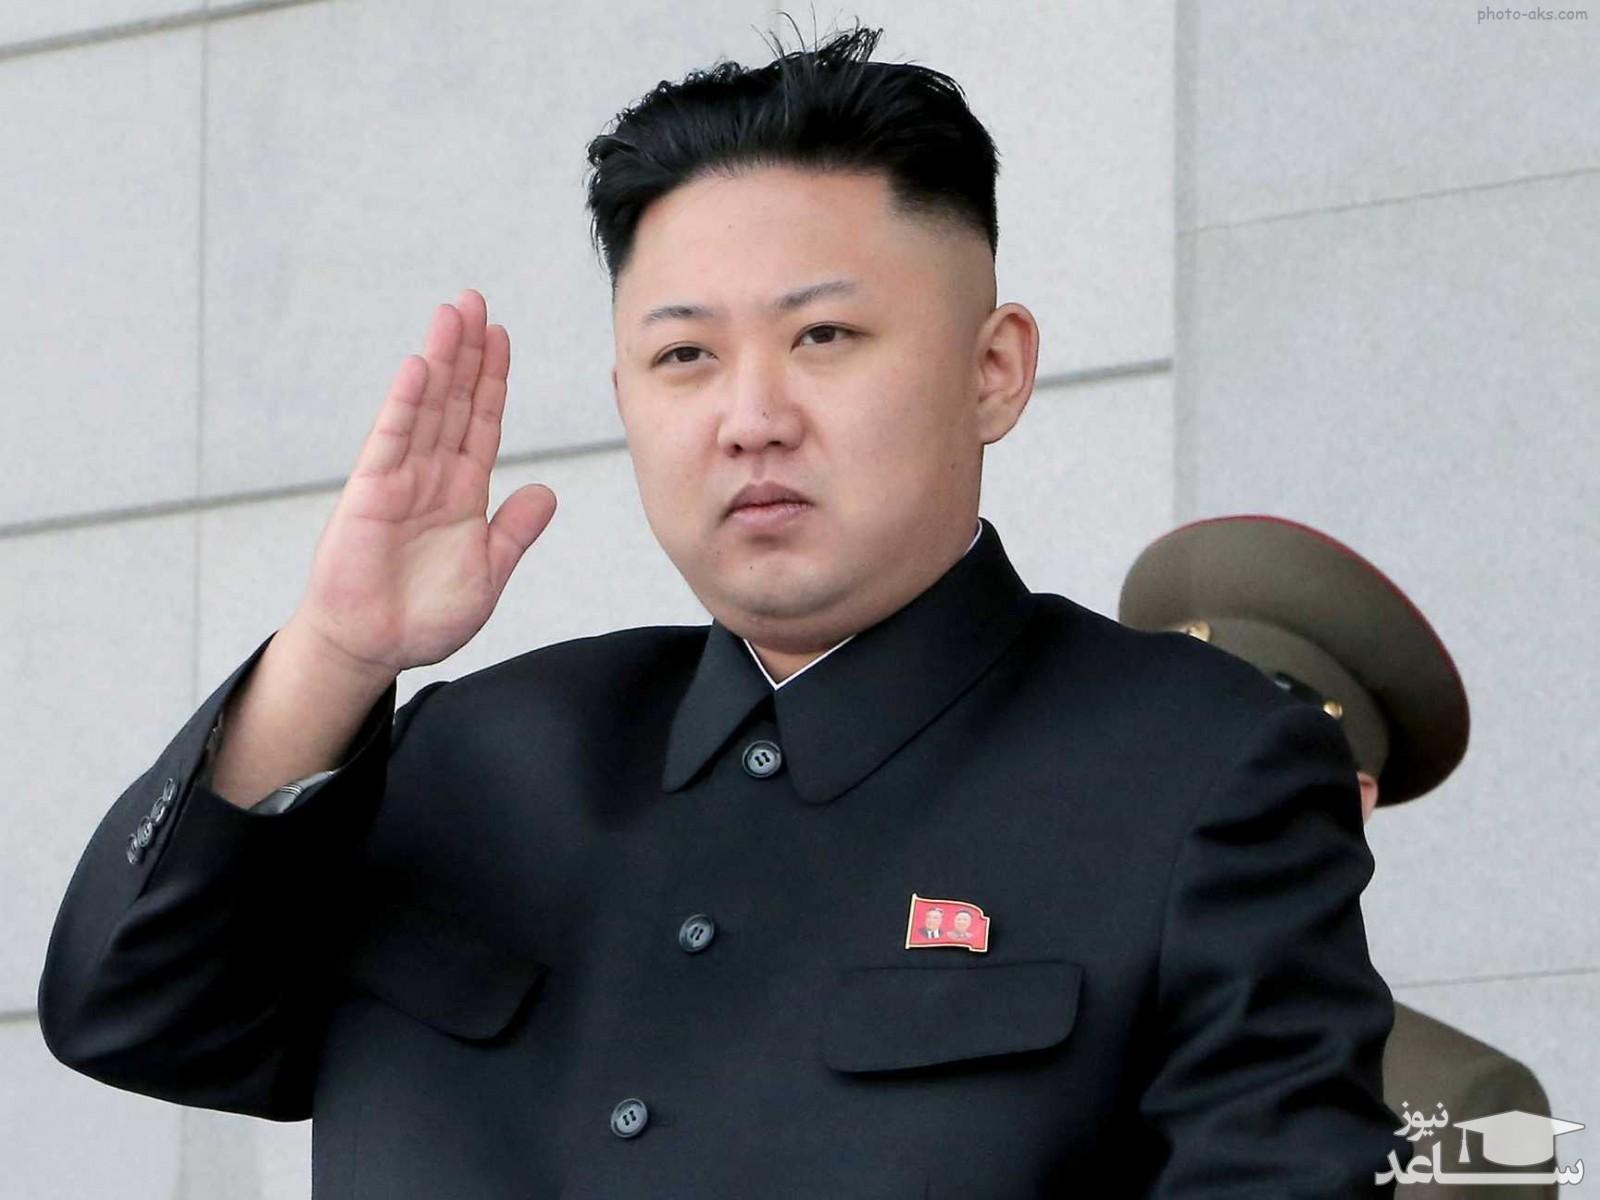 آخرین تصاویر از رهبر کره شمالی با سر بانداژ شده